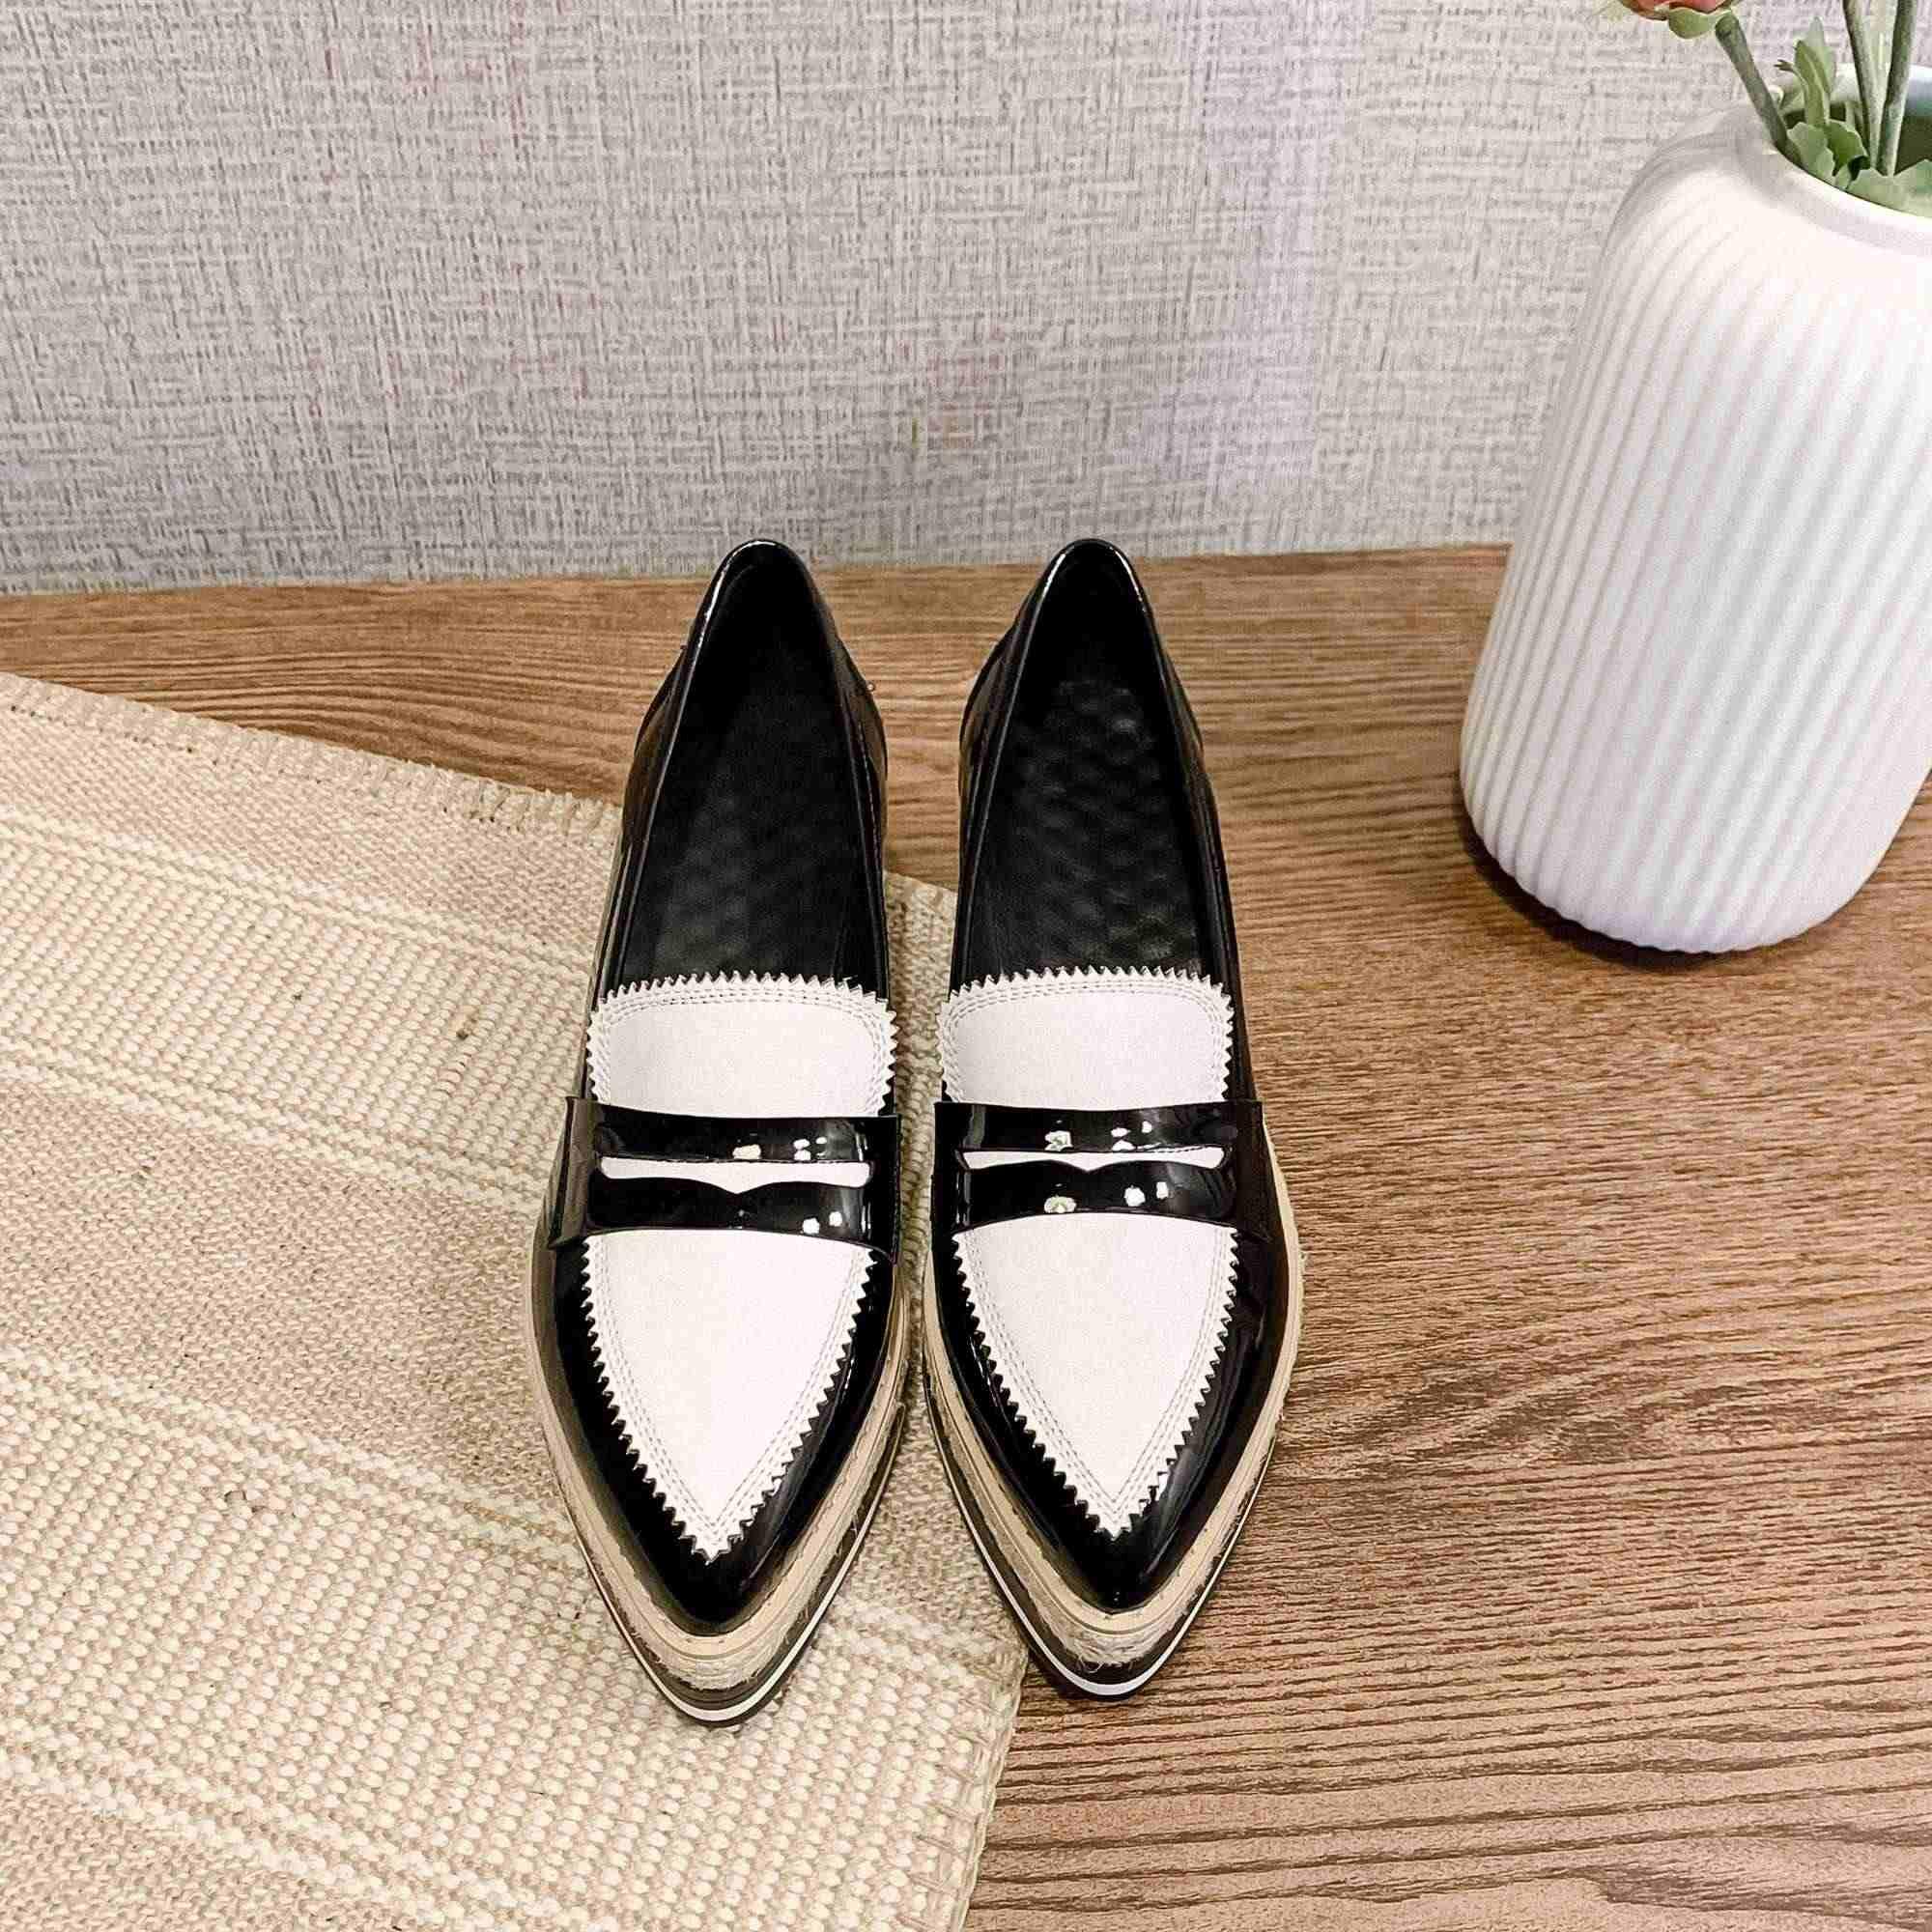 Krazing Pot takozlar kalın alt karışık renkler hakiki deri makosenler ayakkabı sivri burun kayma İngiliz okulu kadın pompaları L53